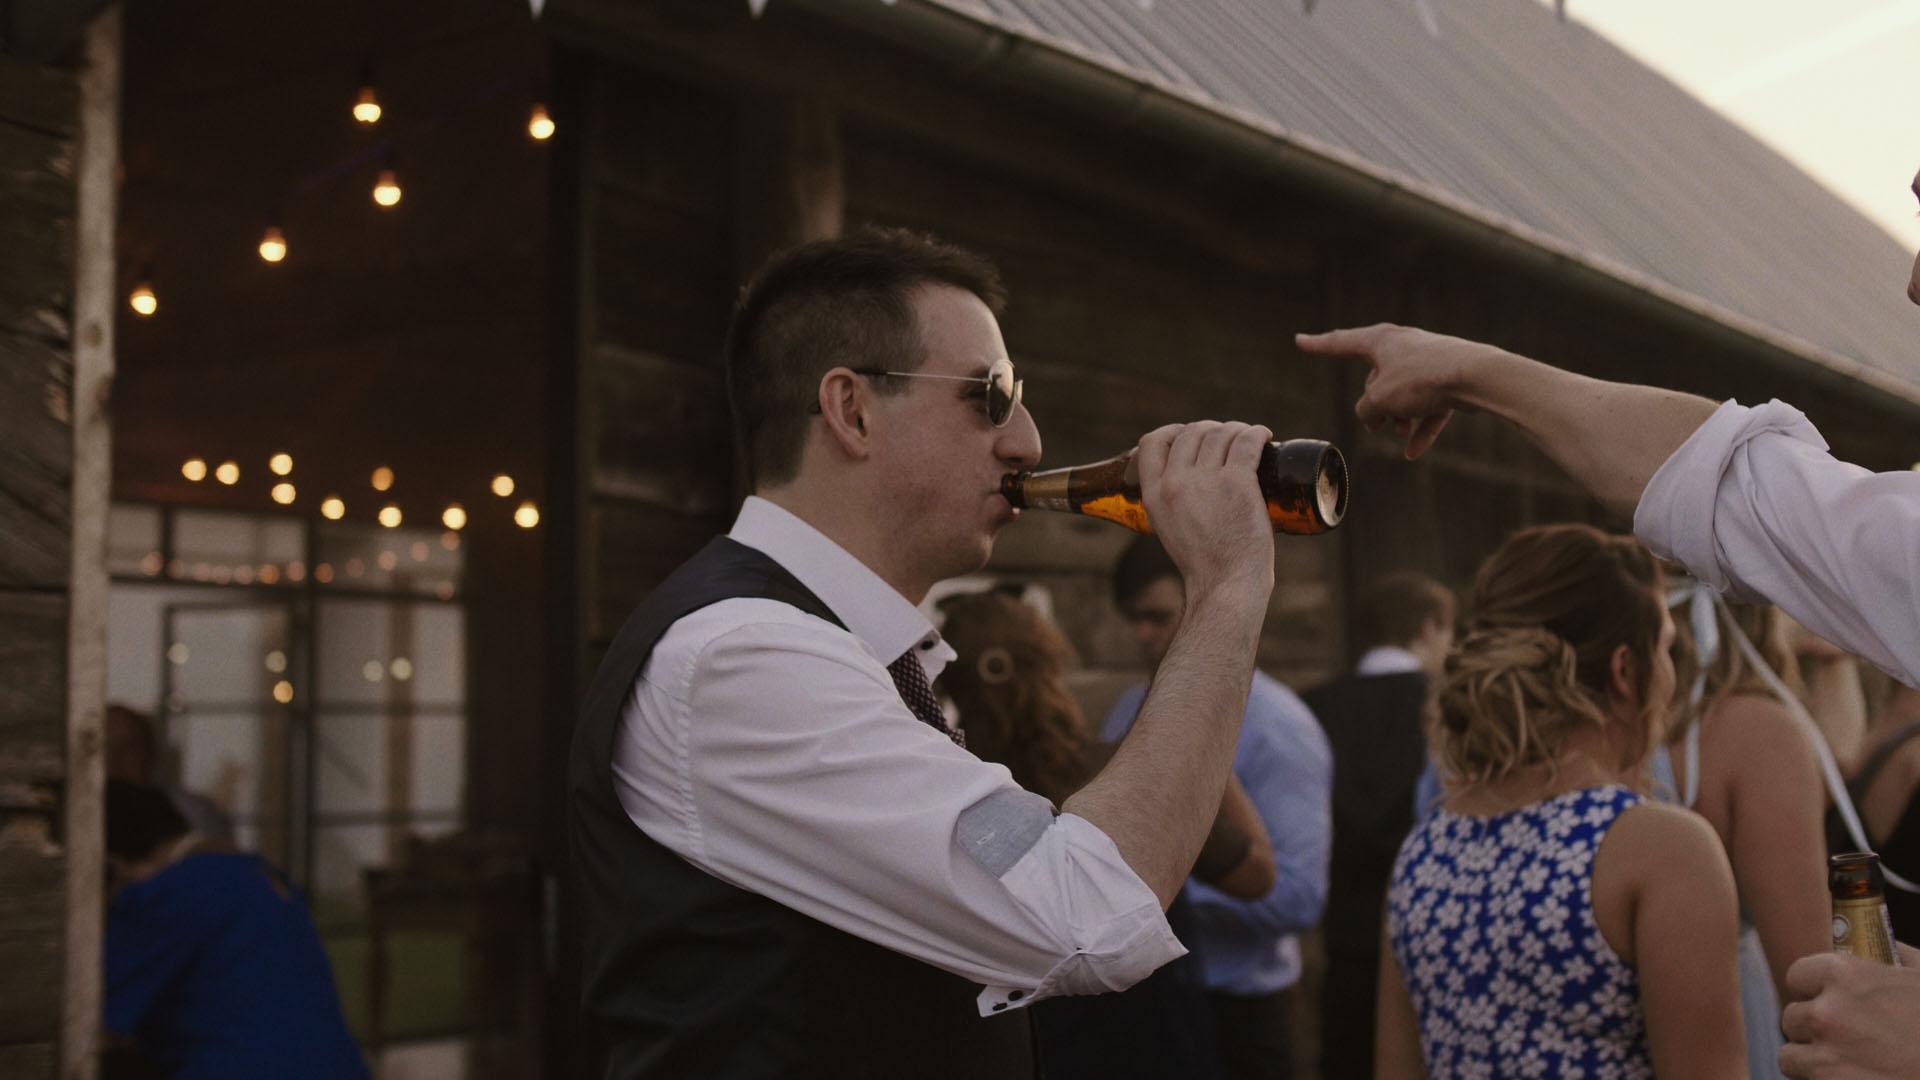 101 folwark ruchenka stodoła wesele ślub humanistyczny. film ślubny